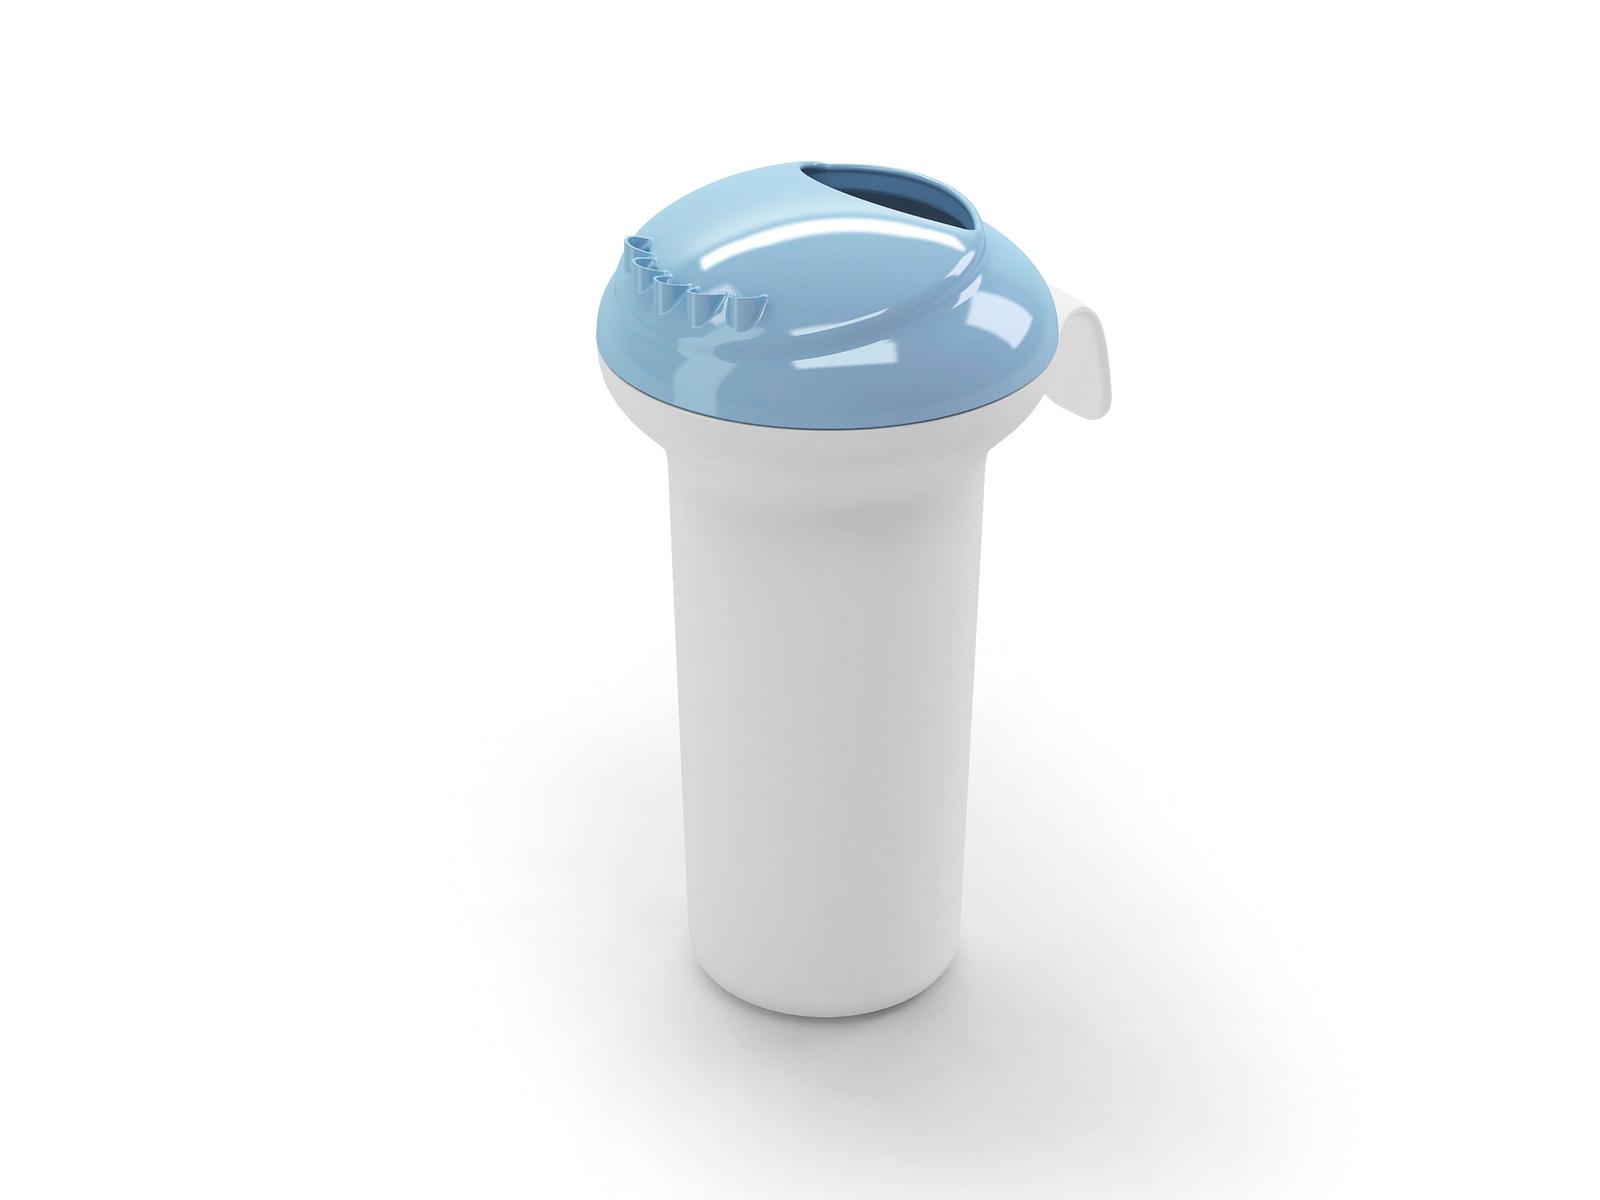 Ковш для бани OK BABY Splash, голубой ковш детский для воды happy baby цвет голубой